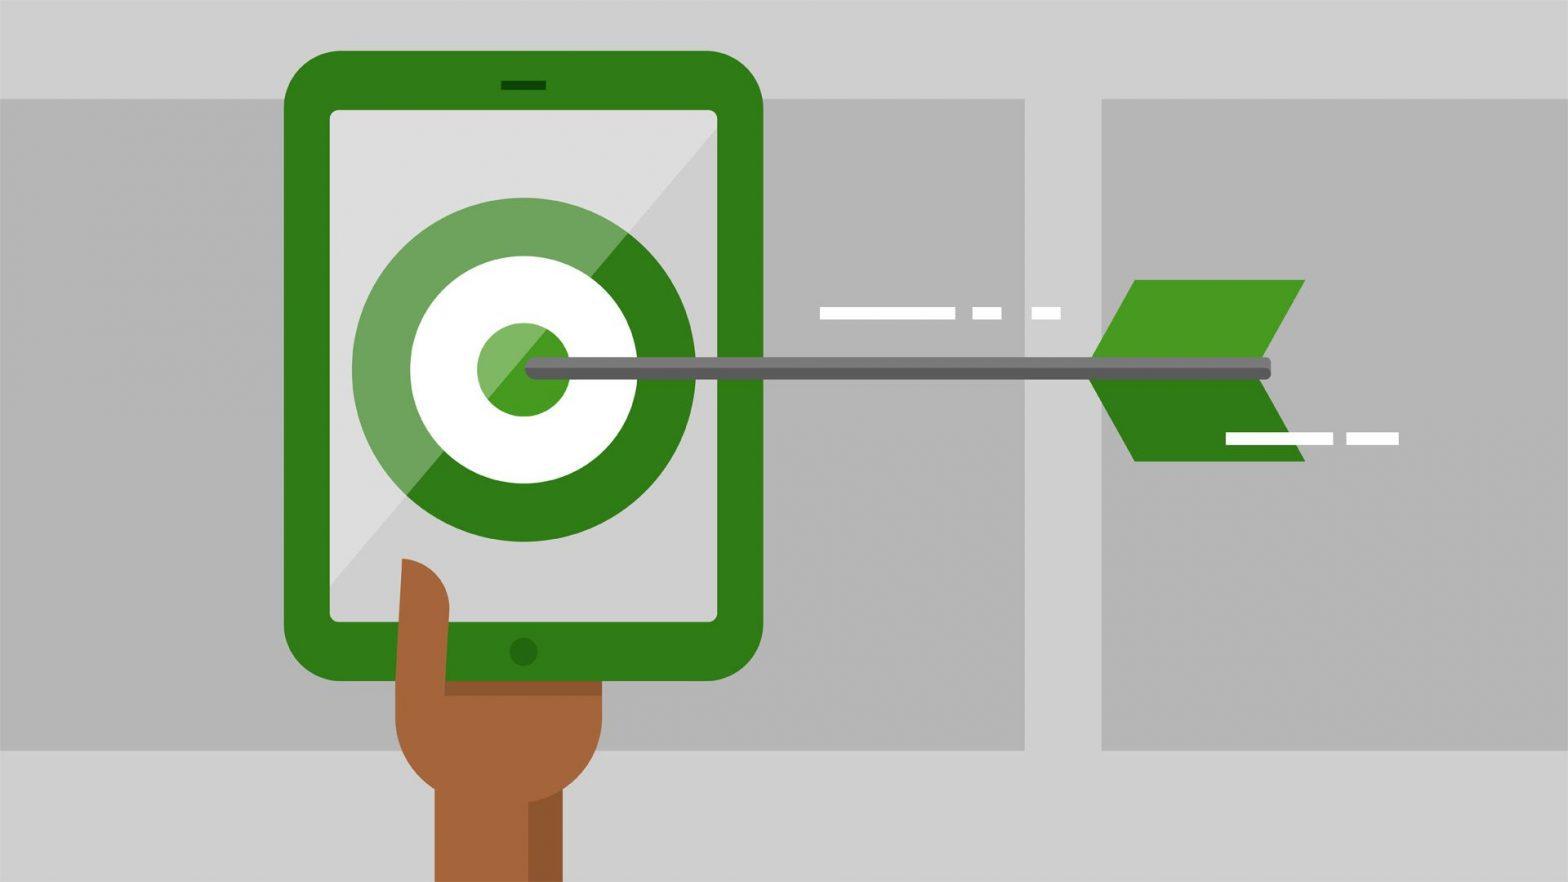 محتوای همیشه سبز چیست ؟ چگونه محتوایی تولید کنیم که ماندگار باشد؟